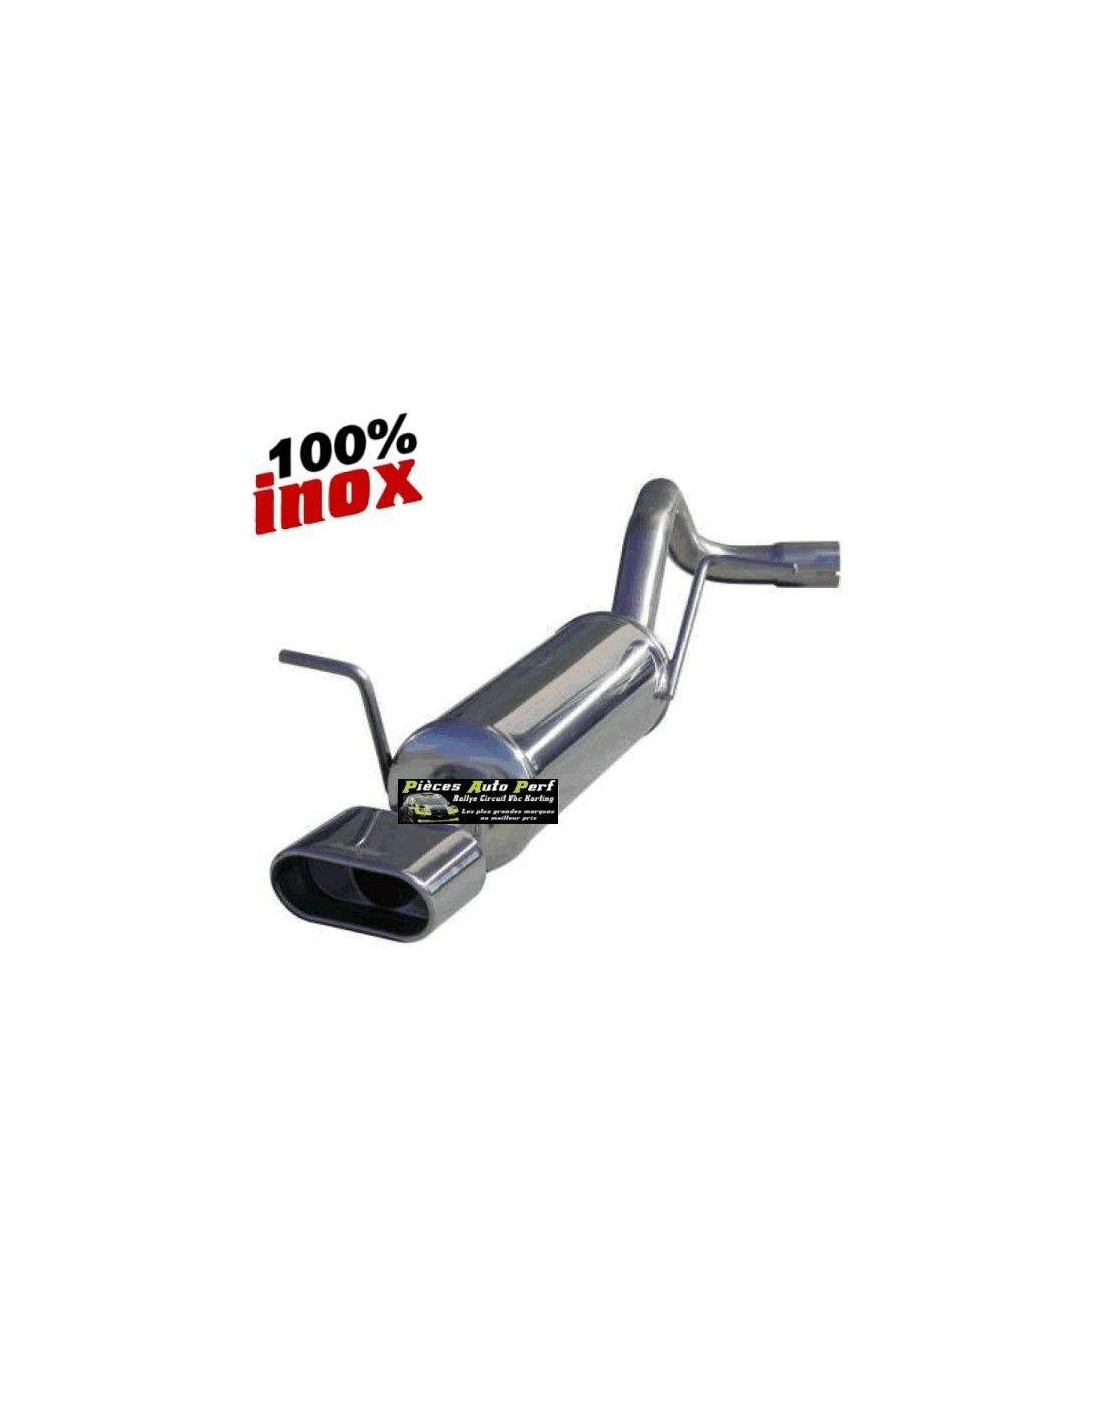 silencieux sportif inox 1 sortie oblong volkswagen golf 4 1l8 20v. Black Bedroom Furniture Sets. Home Design Ideas